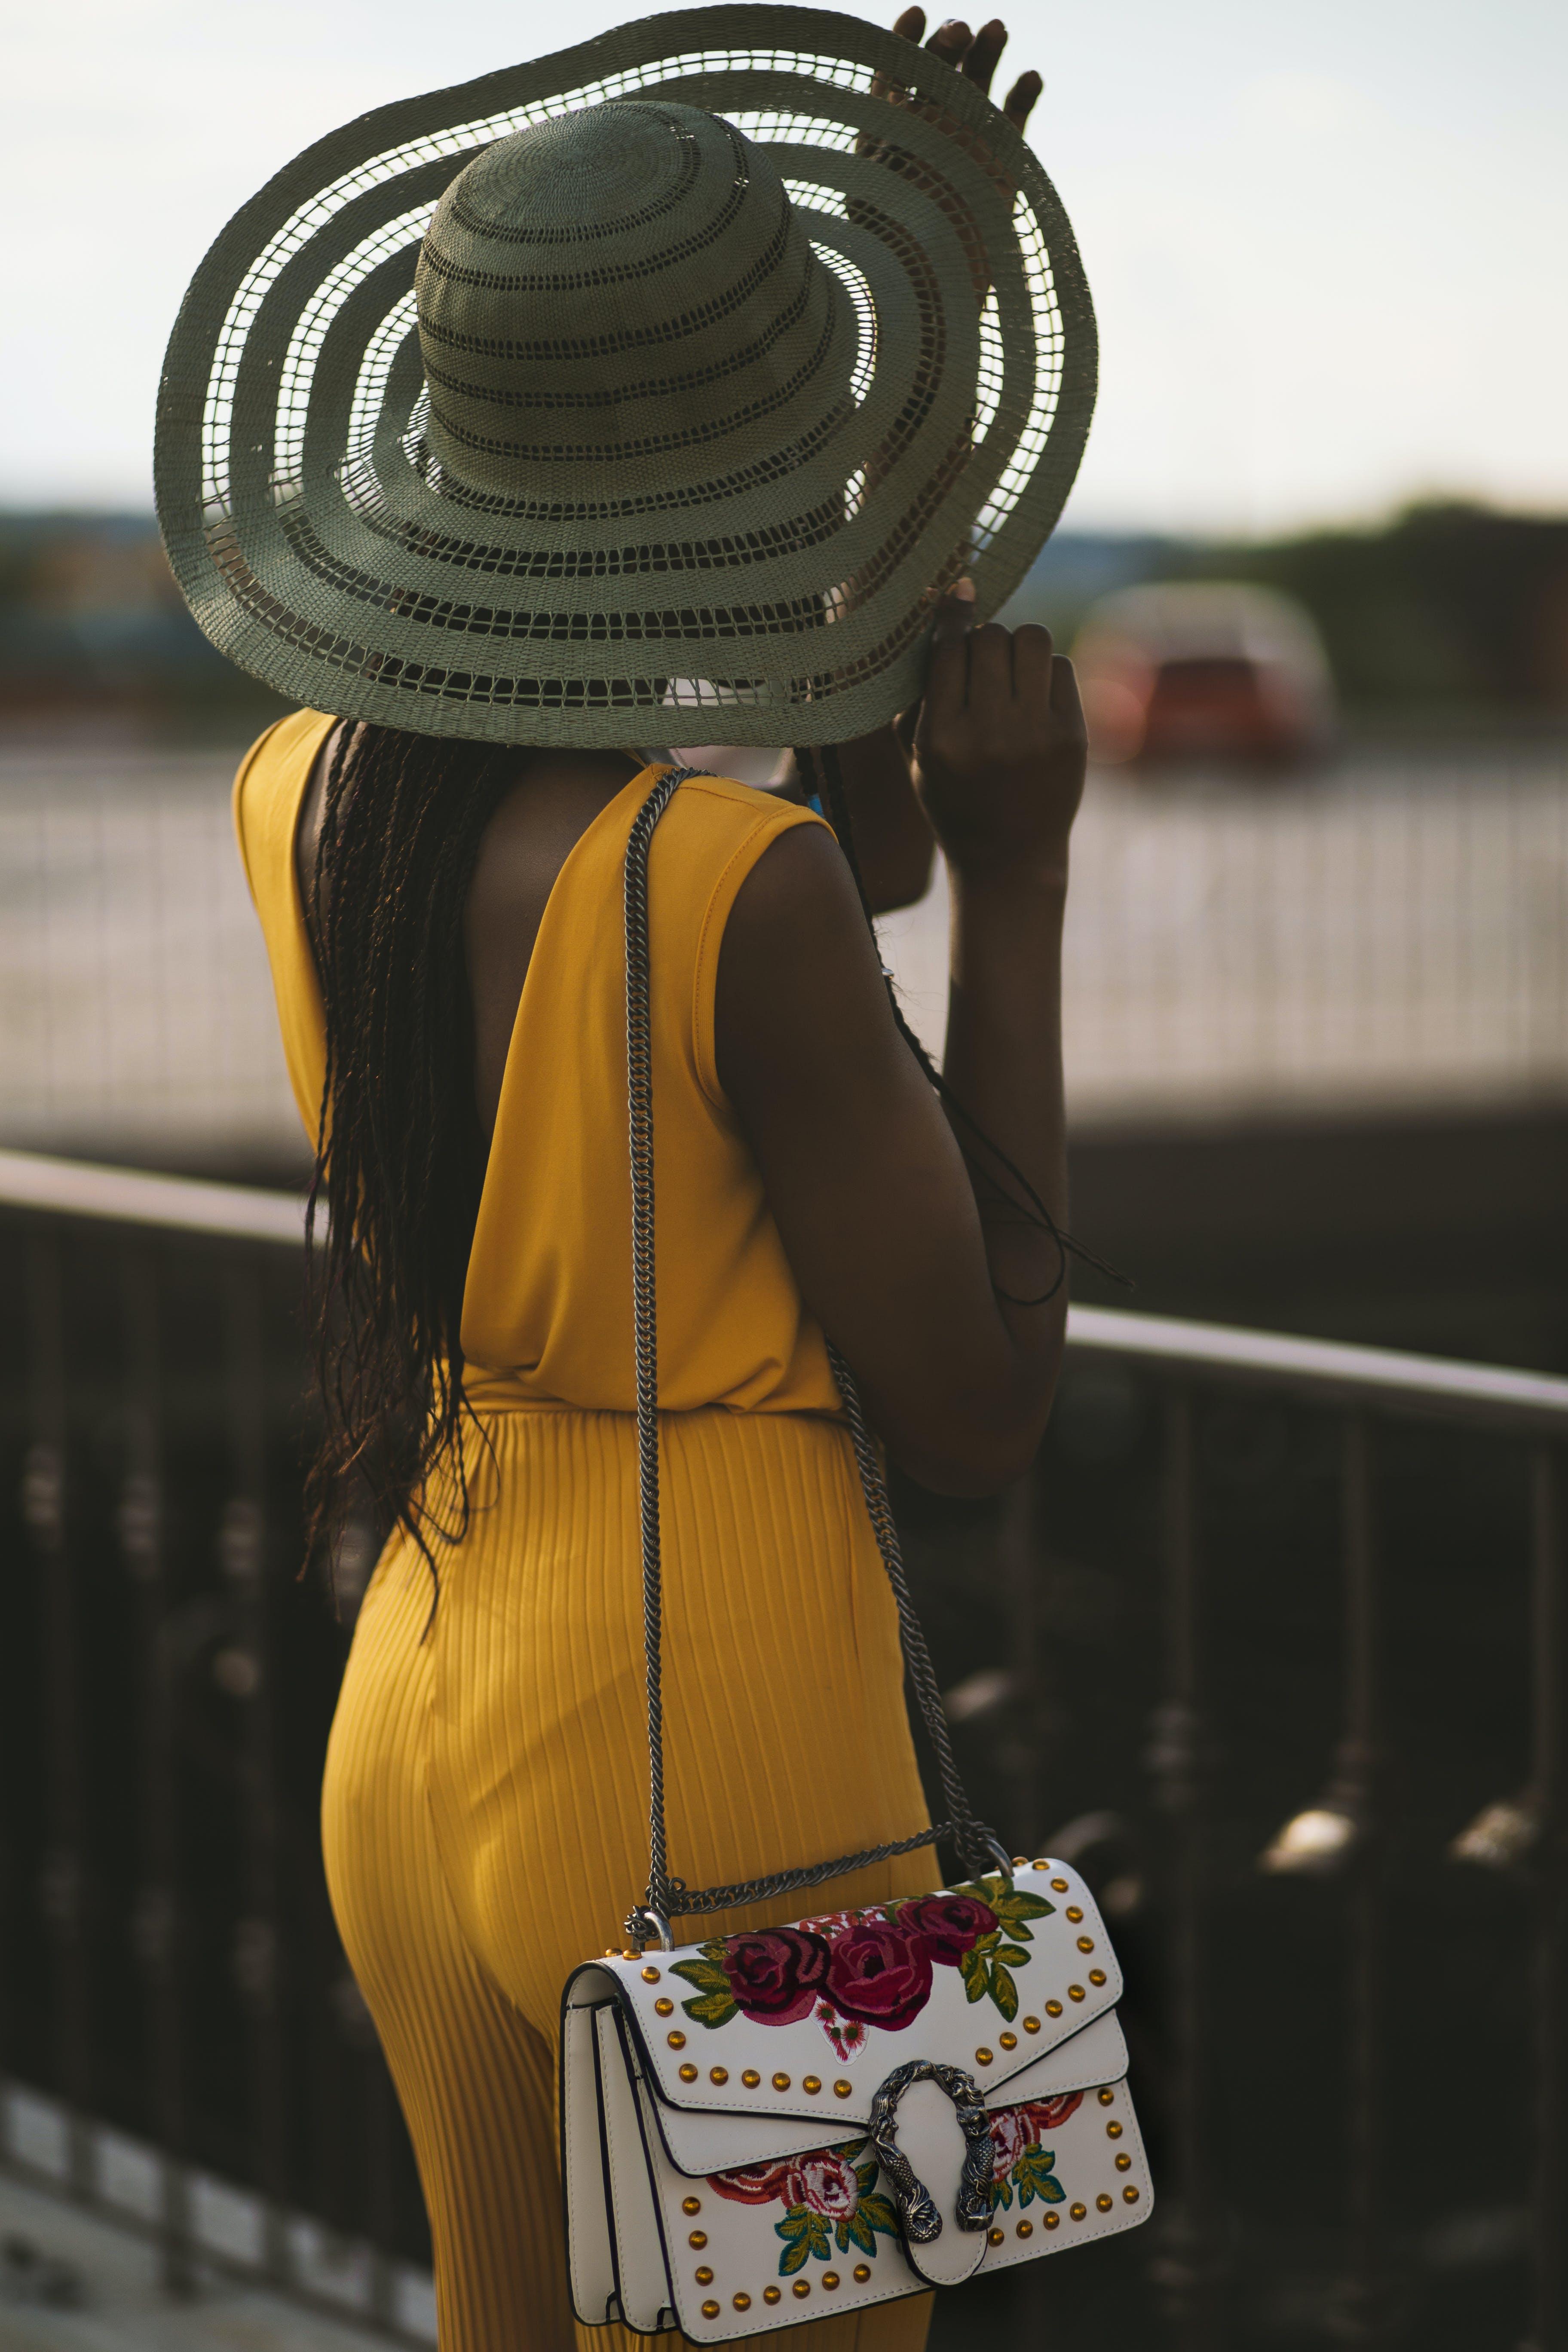 back, back view, bag